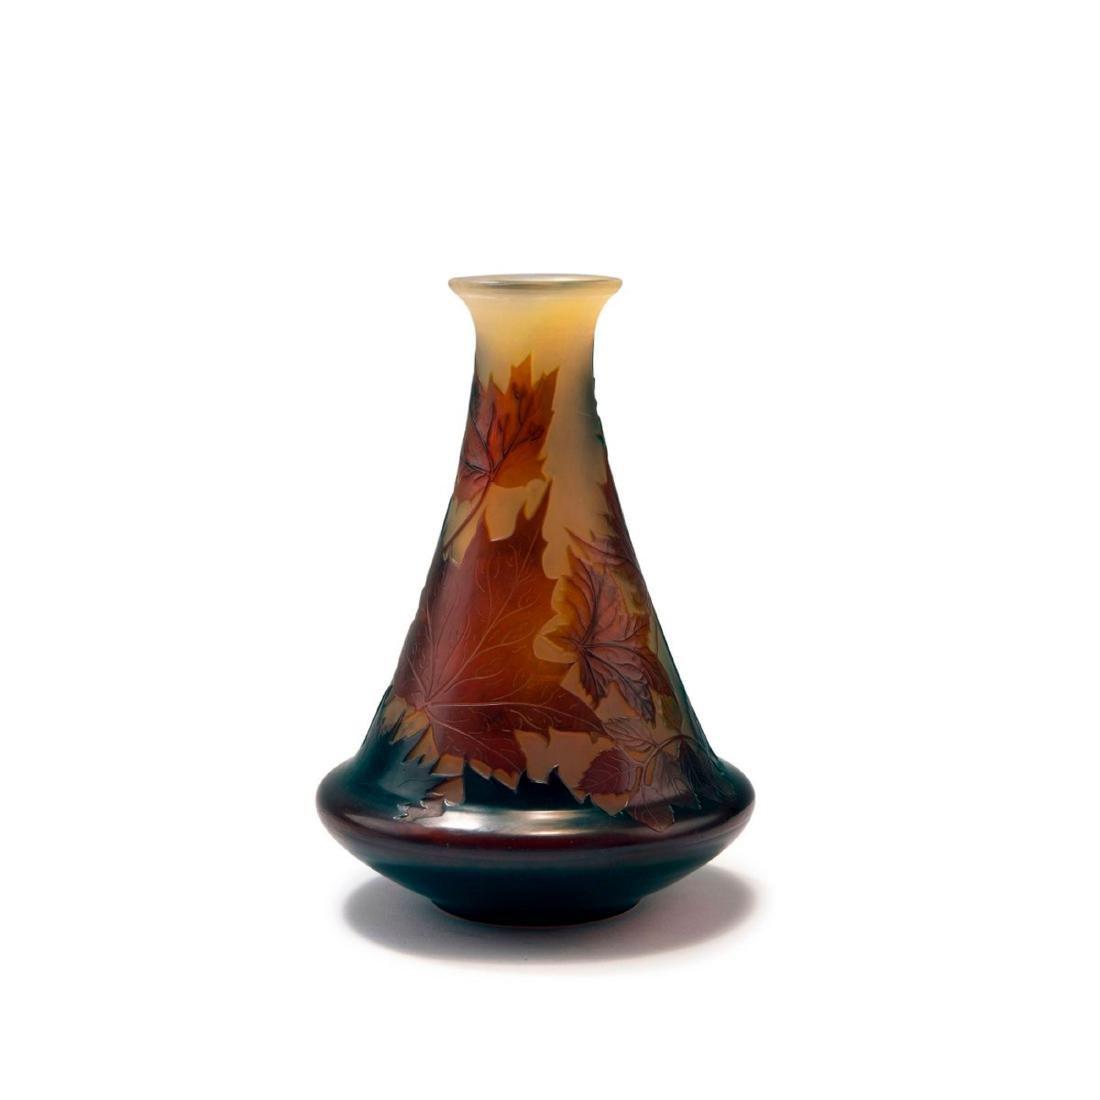 'Feuilles d'Erable' vase, 1914-20